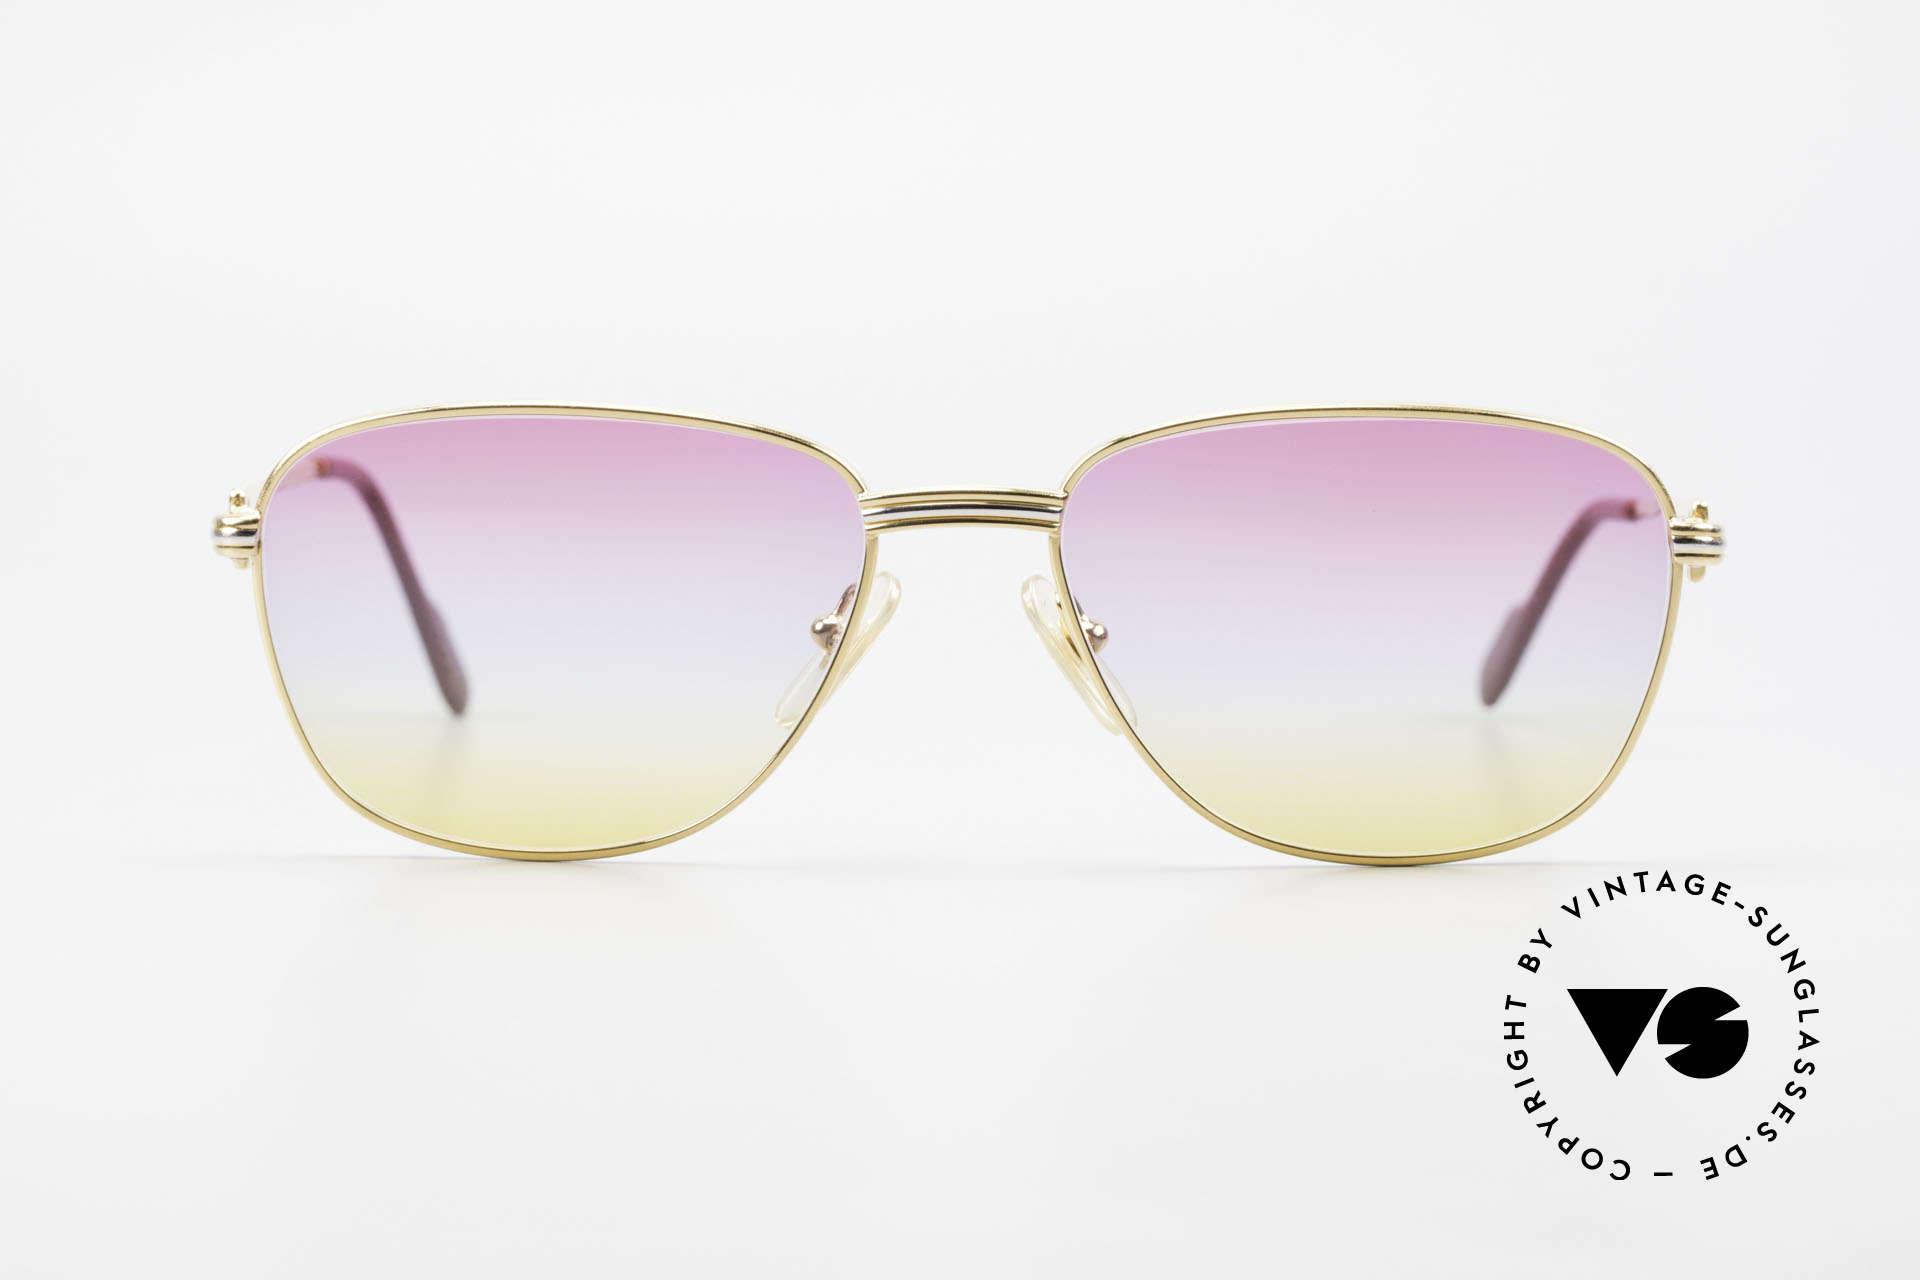 Cartier Courcelles 90er Luxus Sonnenbrille Unikat, ein vintage ORIGINAL mit neuen, originellen Gläsern, Passend für Herren und Damen